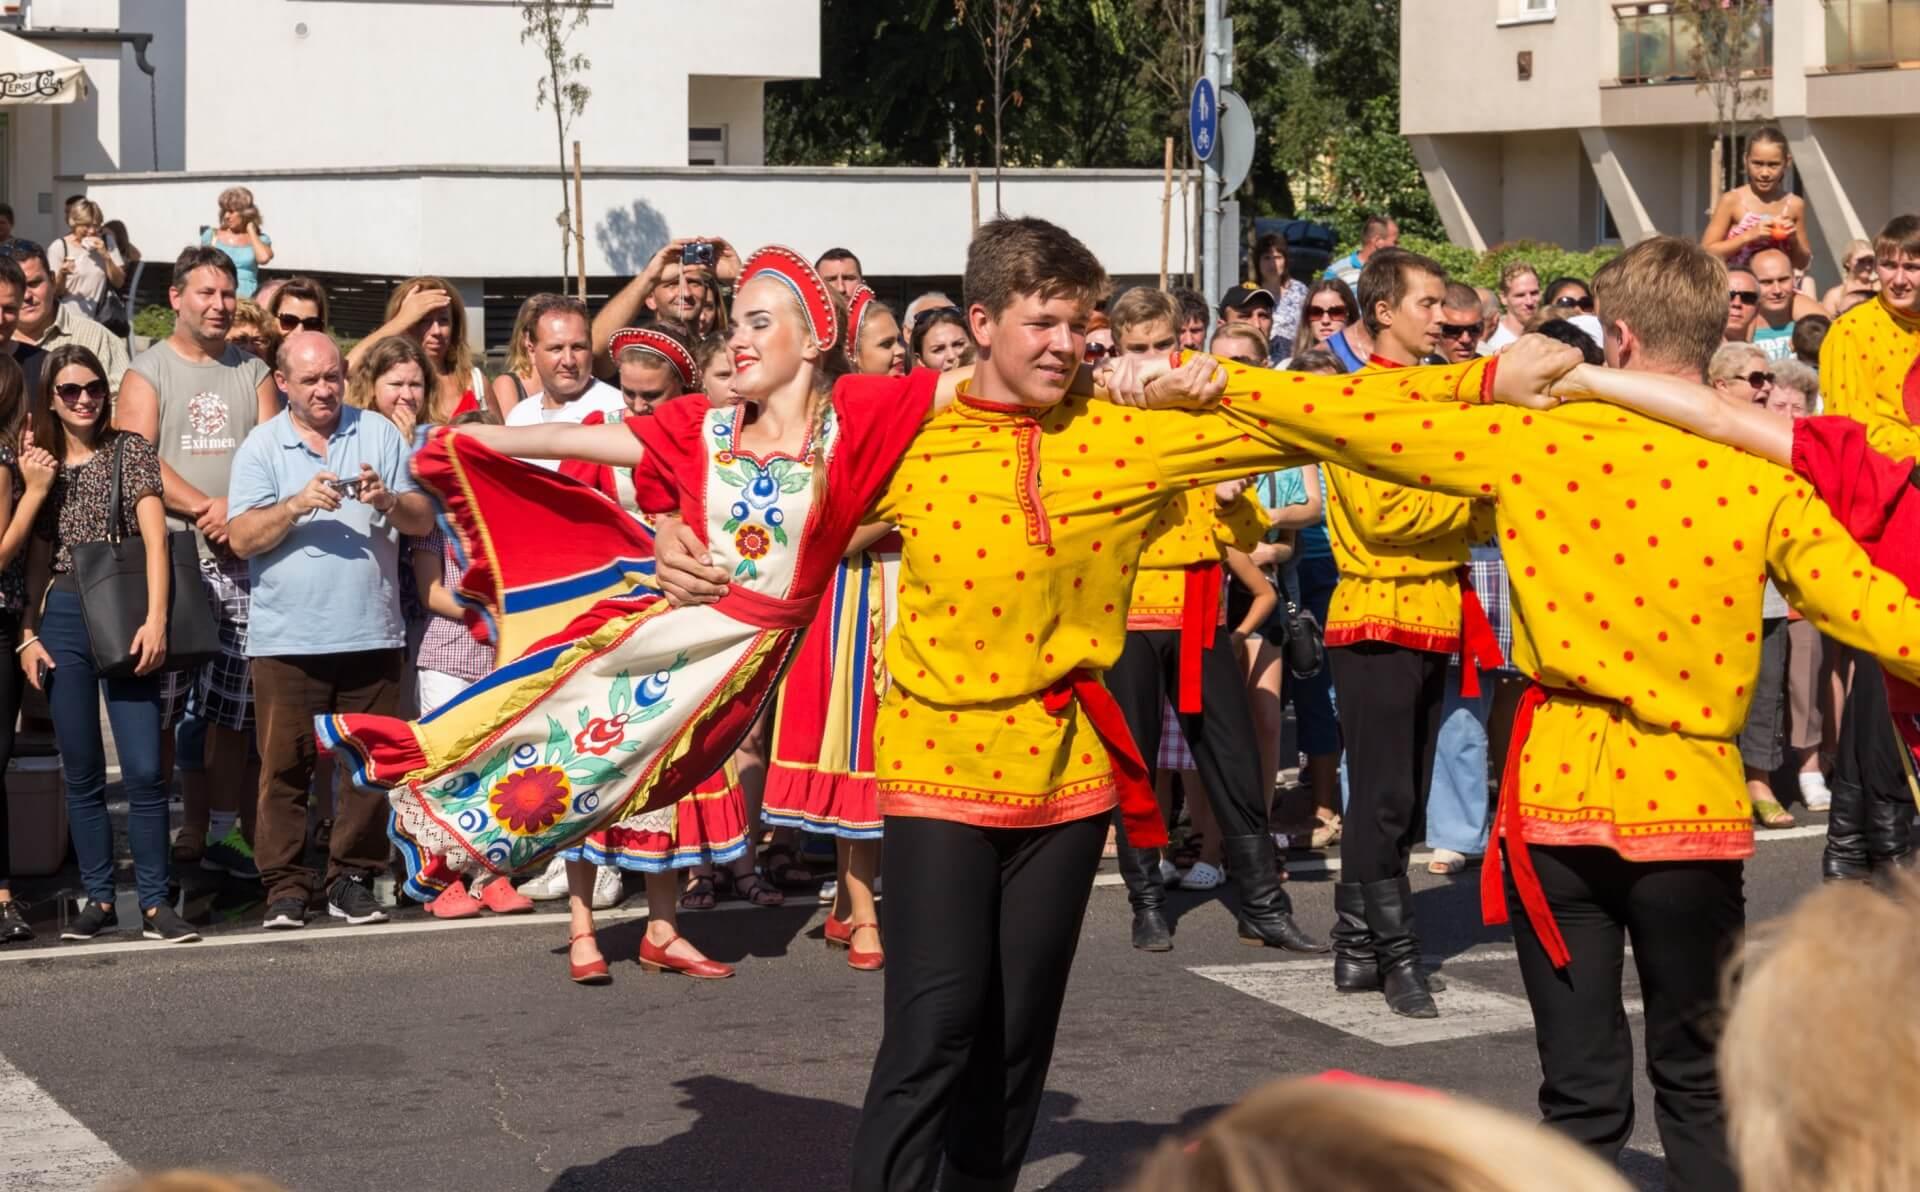 Blumenkarneval Debrecen, russische Tanzgruppe